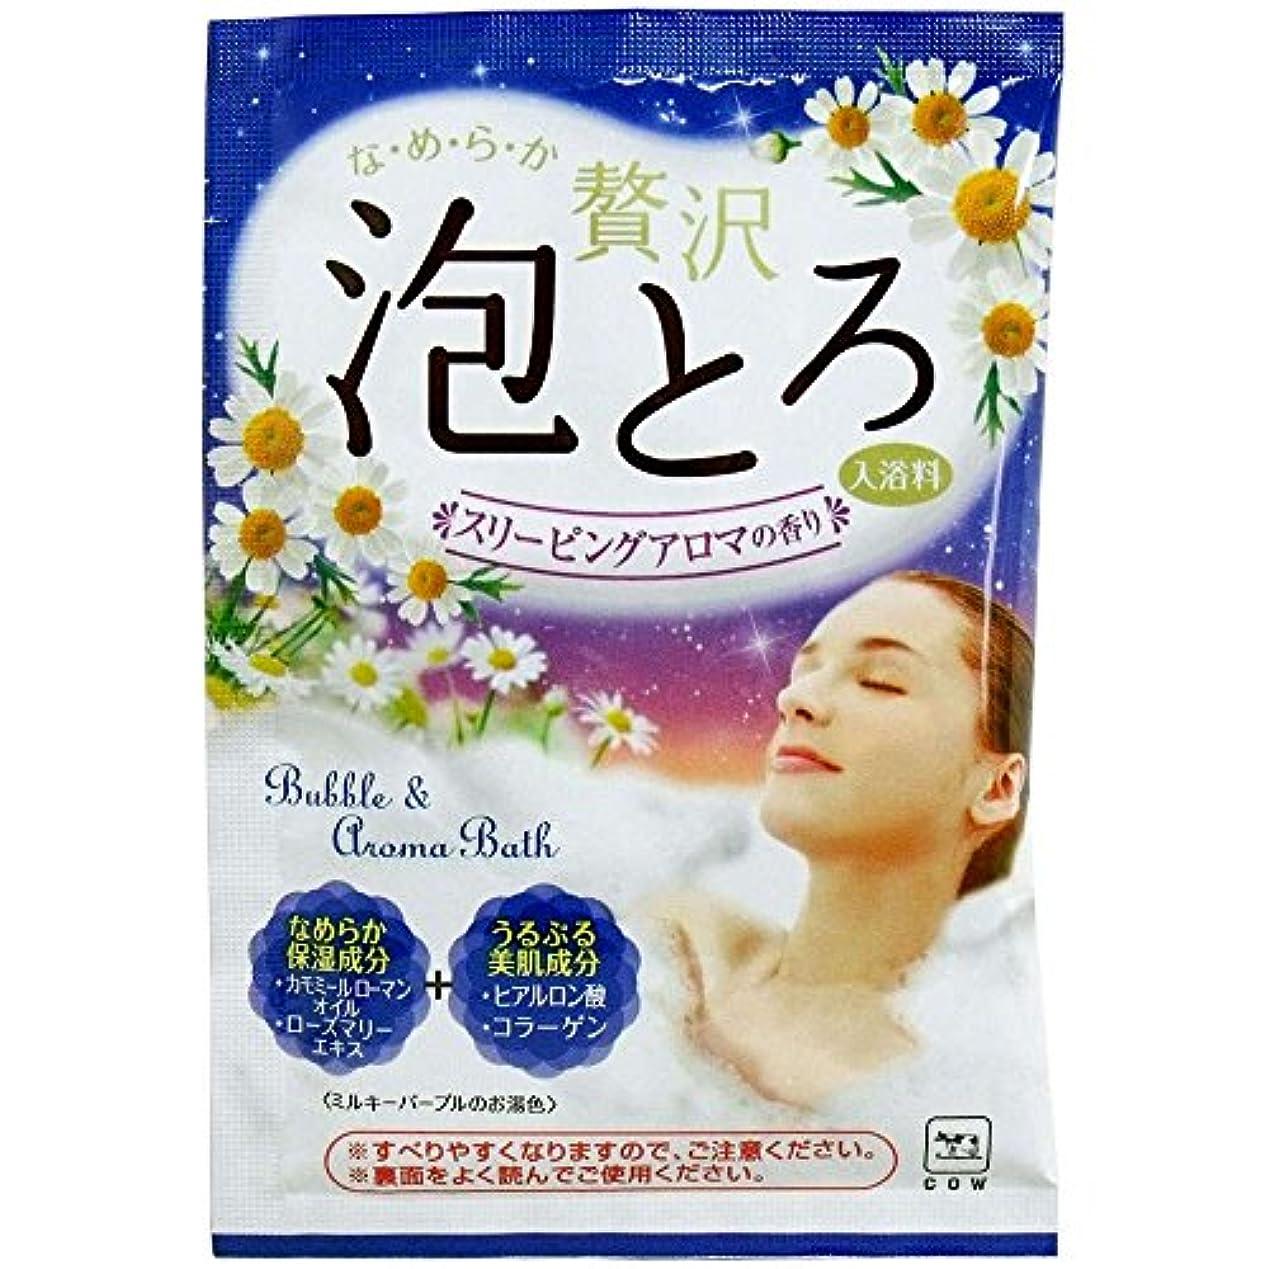 組み合わせ広範囲にオークション牛乳石鹸共進社 お湯物語 贅沢泡とろ 入浴料 スリーピングアロマの香り 30g